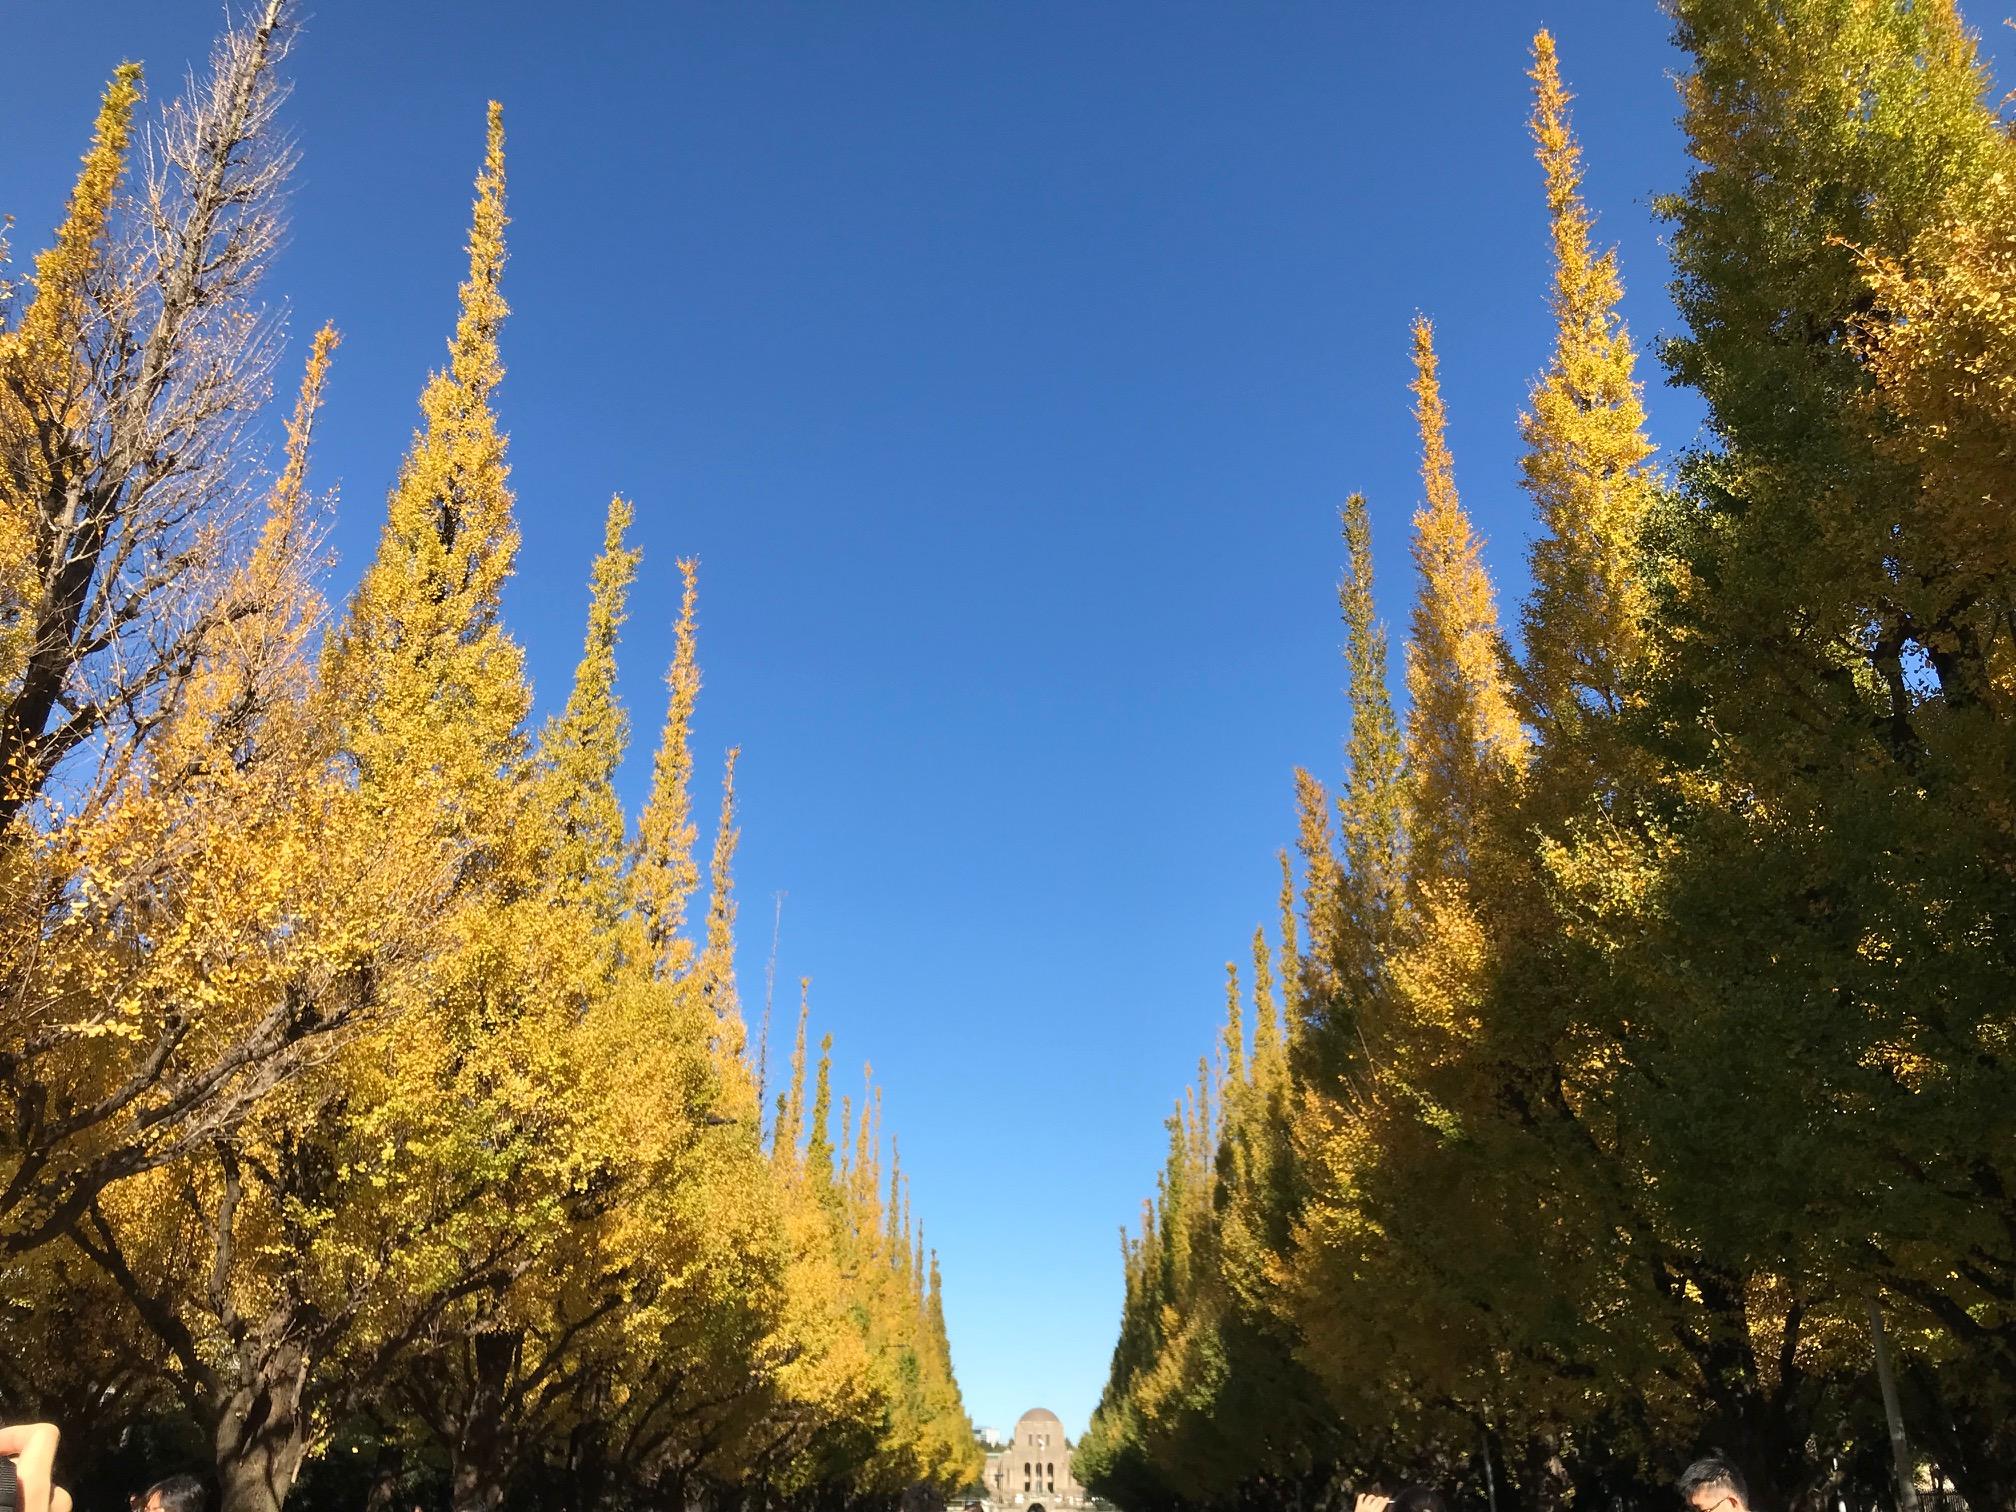 神宮外苑のイチョウ並木が見ごろ!!!渋谷で紅葉を楽しもう♪